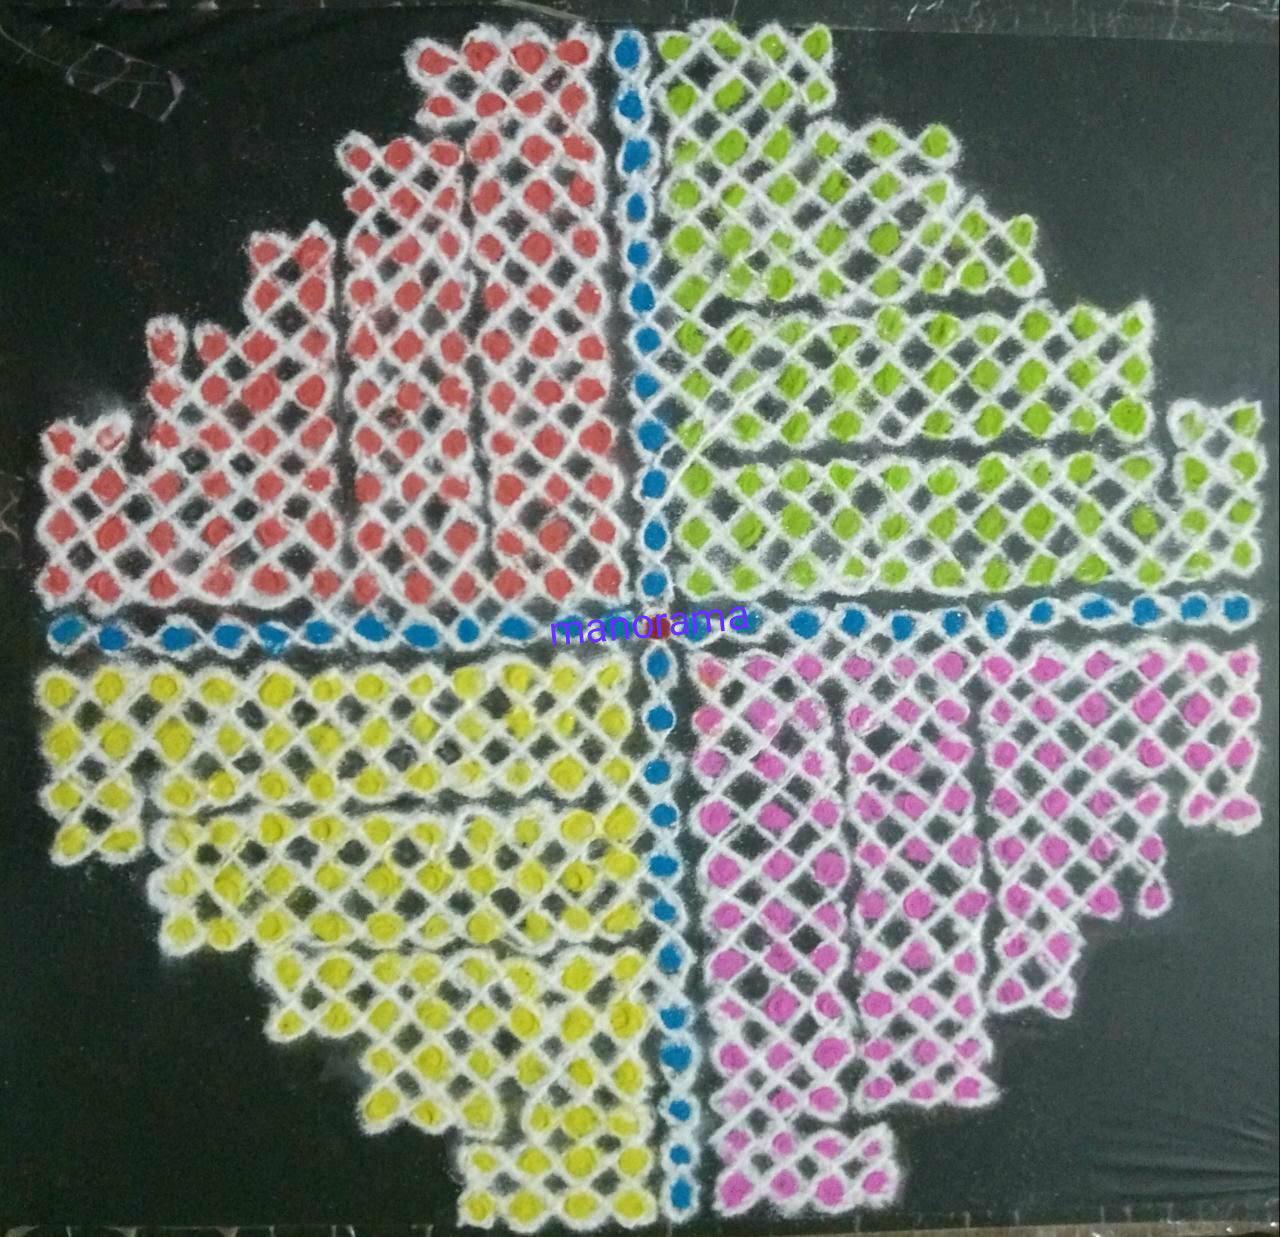 Colour Chikku kolam || 25 dots sikku kolam for contest